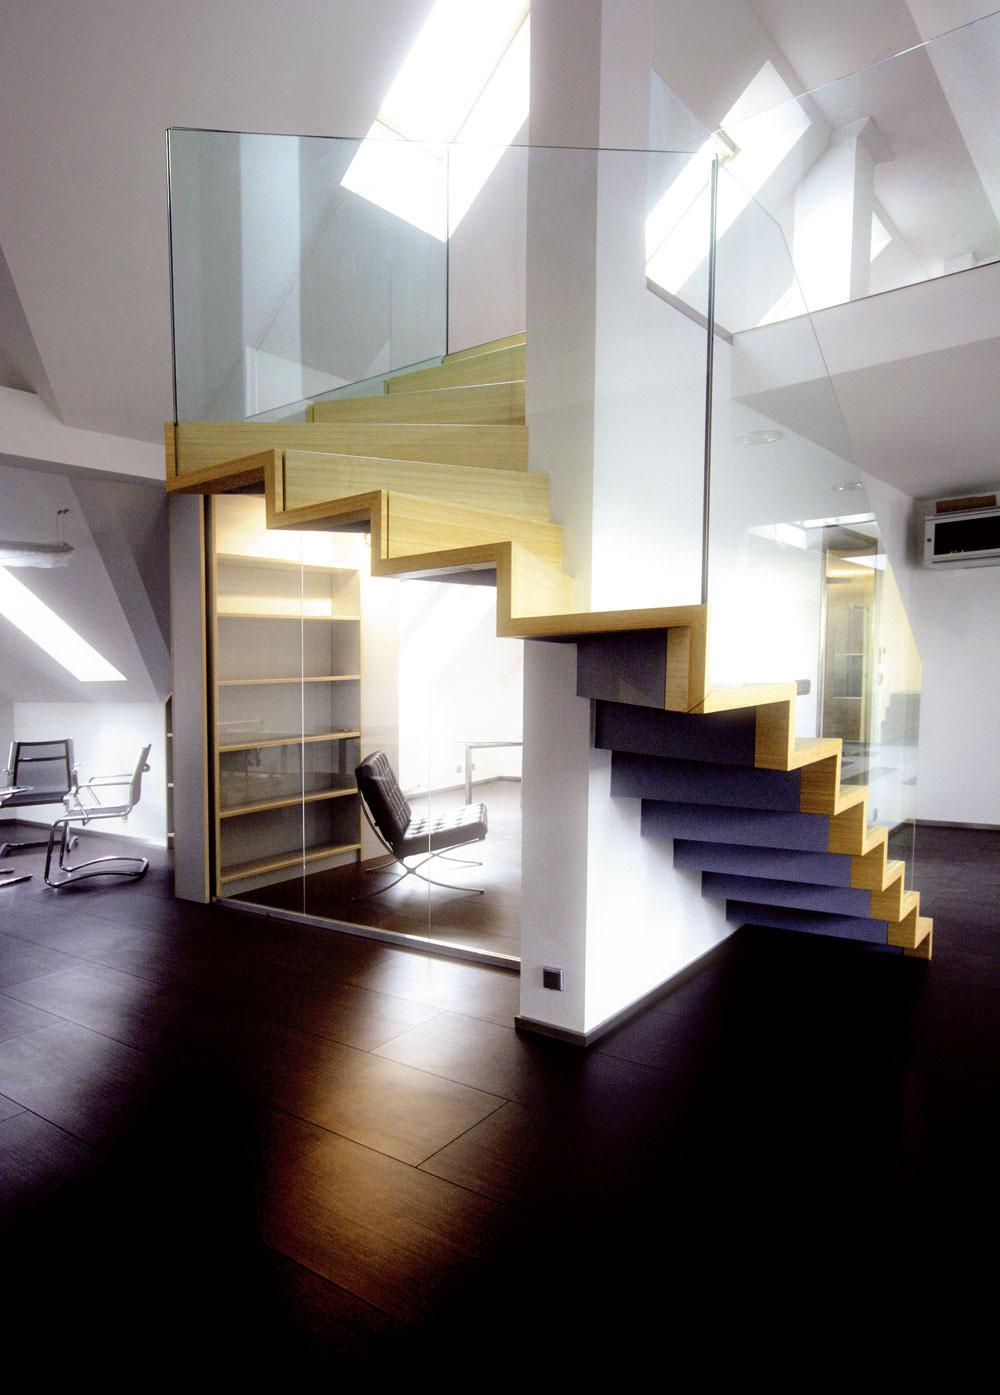 Nástupnice ipodstupnice sú síce pokryté dyhou zbambusového dreva, ale nosnú schodiskovú konštrukciu zhotovili zocele. Tá je priznaná vpodhľade schodiska, ktoré sa vinie okolo priečky. Do jednotlivých 'stupňov' bezpečne zafrézovali elegantné sklenené zábradlie. Čisté riešenie, kpohodliu však trochu chýba držadlo.